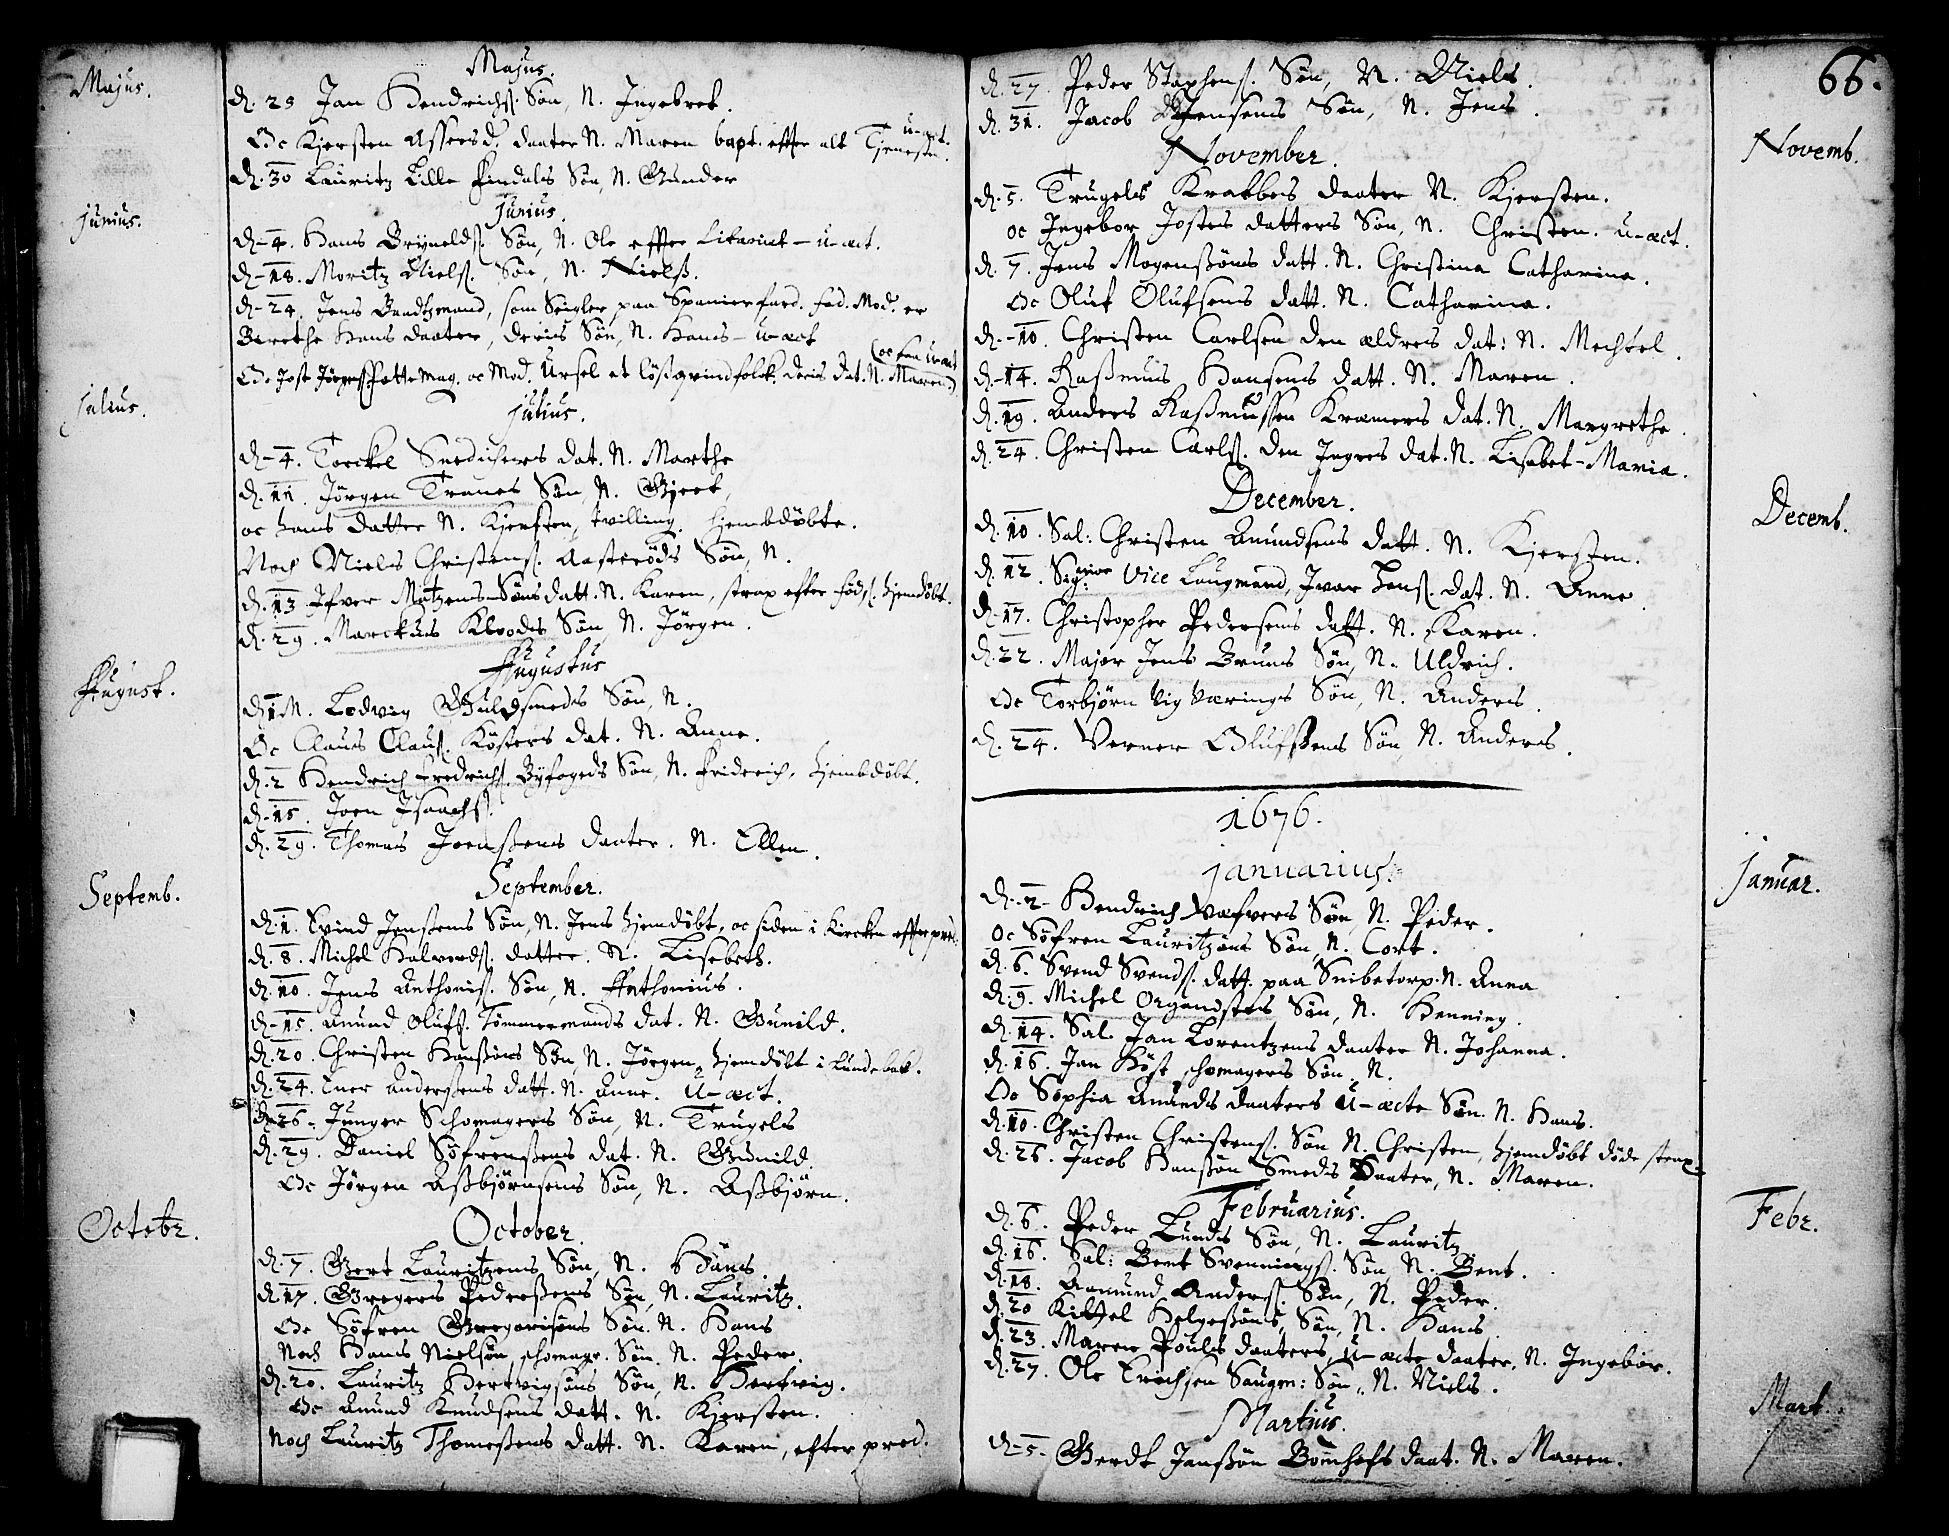 SAKO, Skien kirkebøker, F/Fa/L0001: Ministerialbok nr. 1, 1659-1679, s. 66